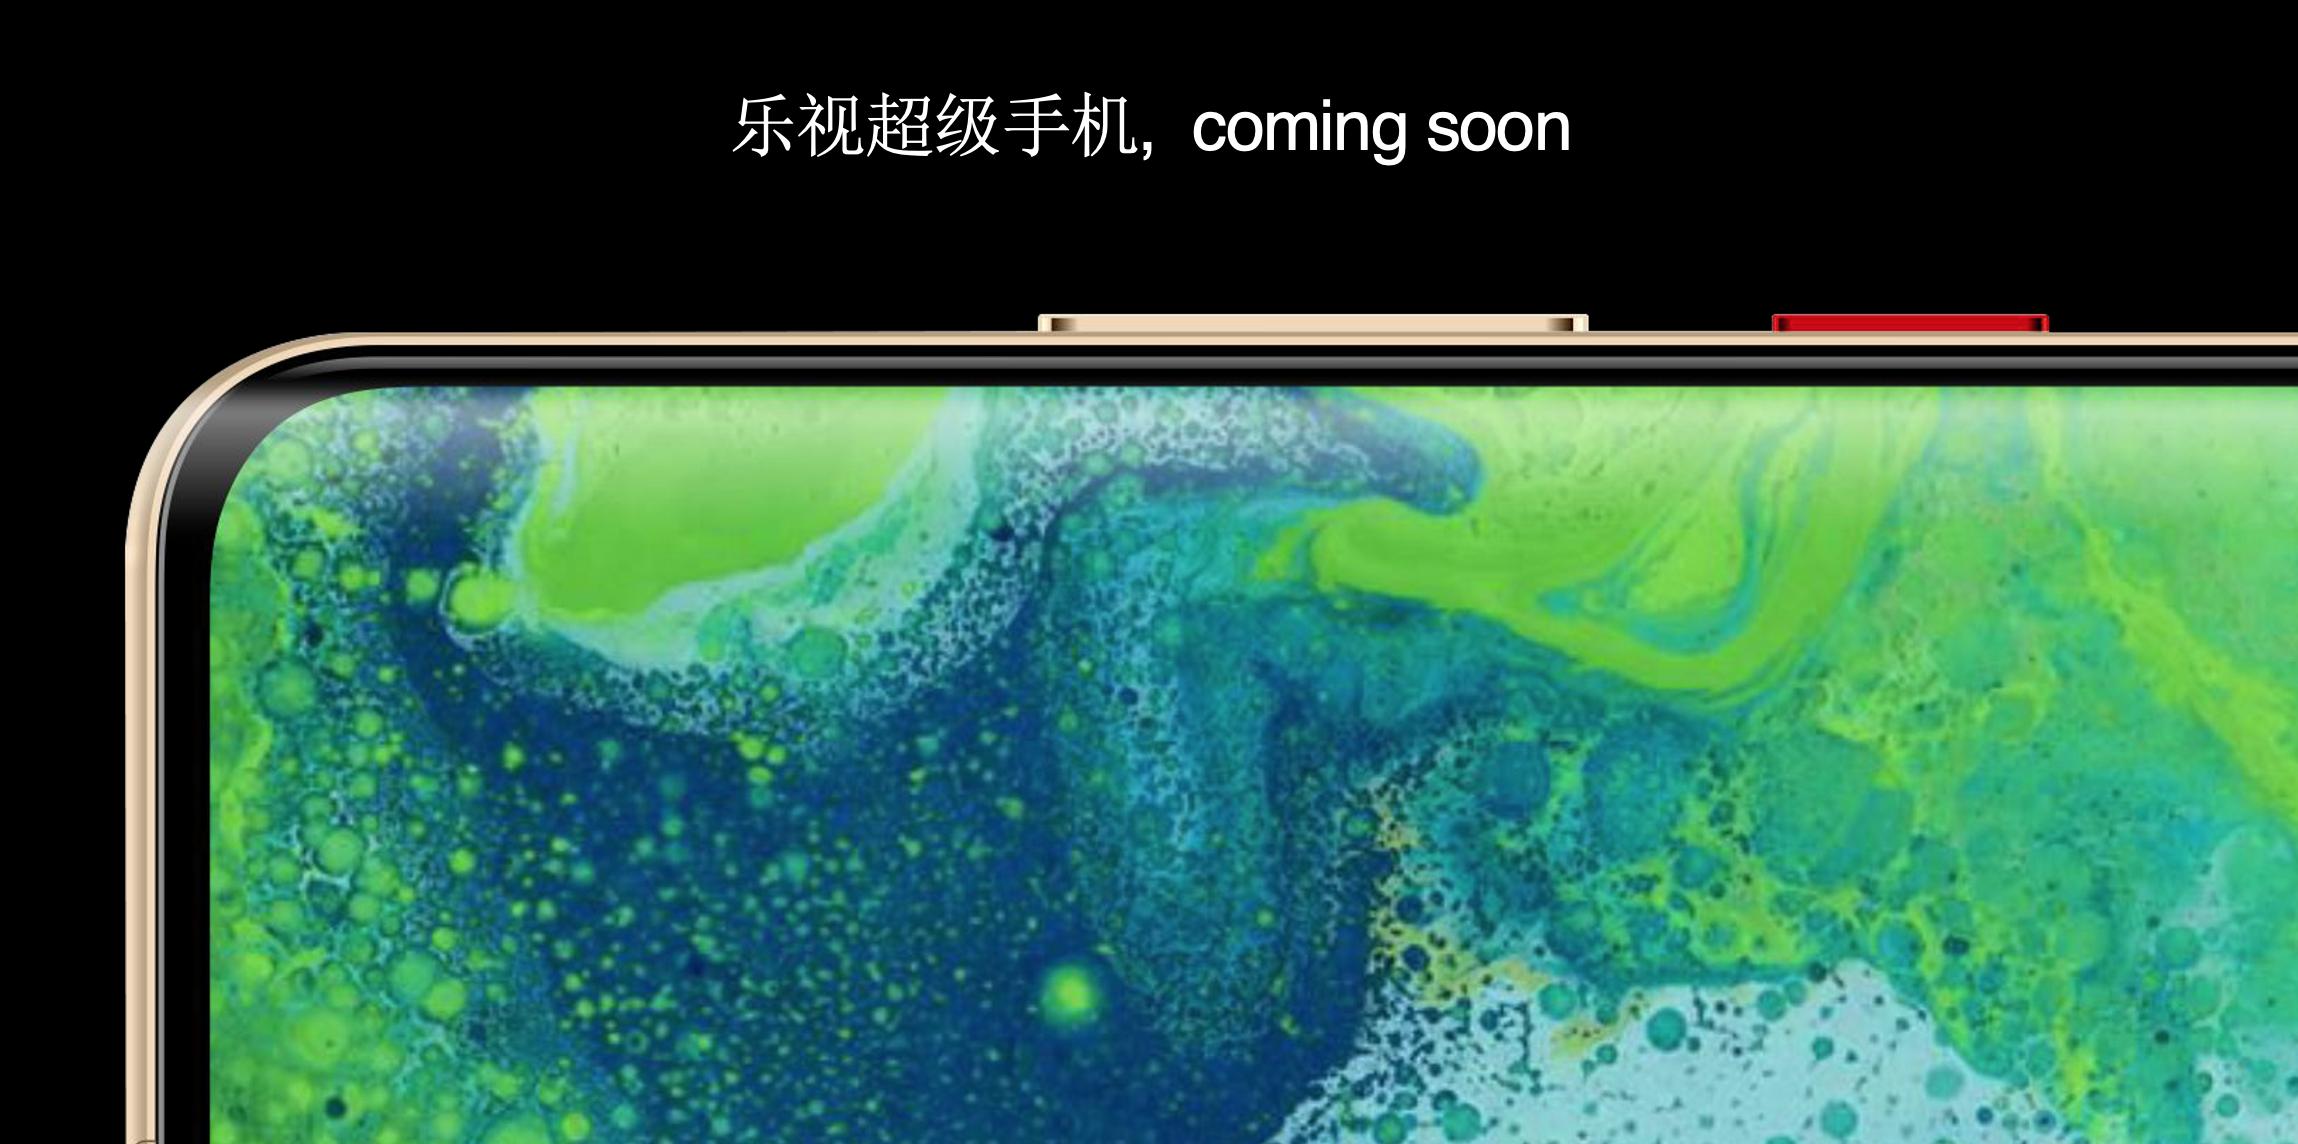 乐视宣布手机业务正式回归 乐视手机新品命名S1